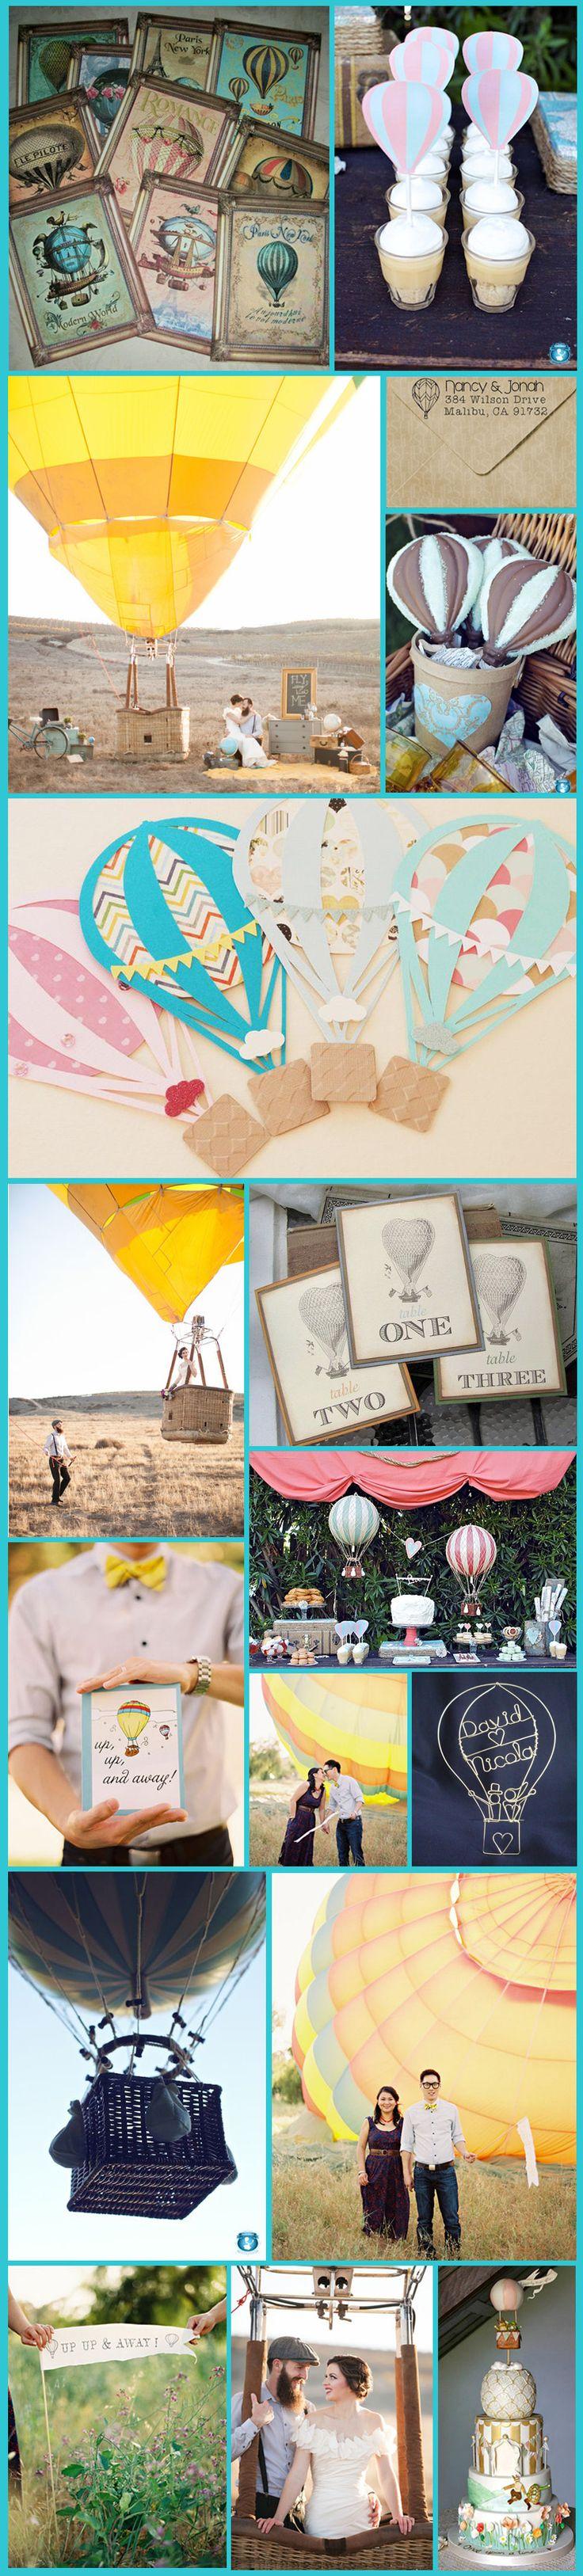 Hot Air Balloon Themed Wedding. This is actually an adorable idea.